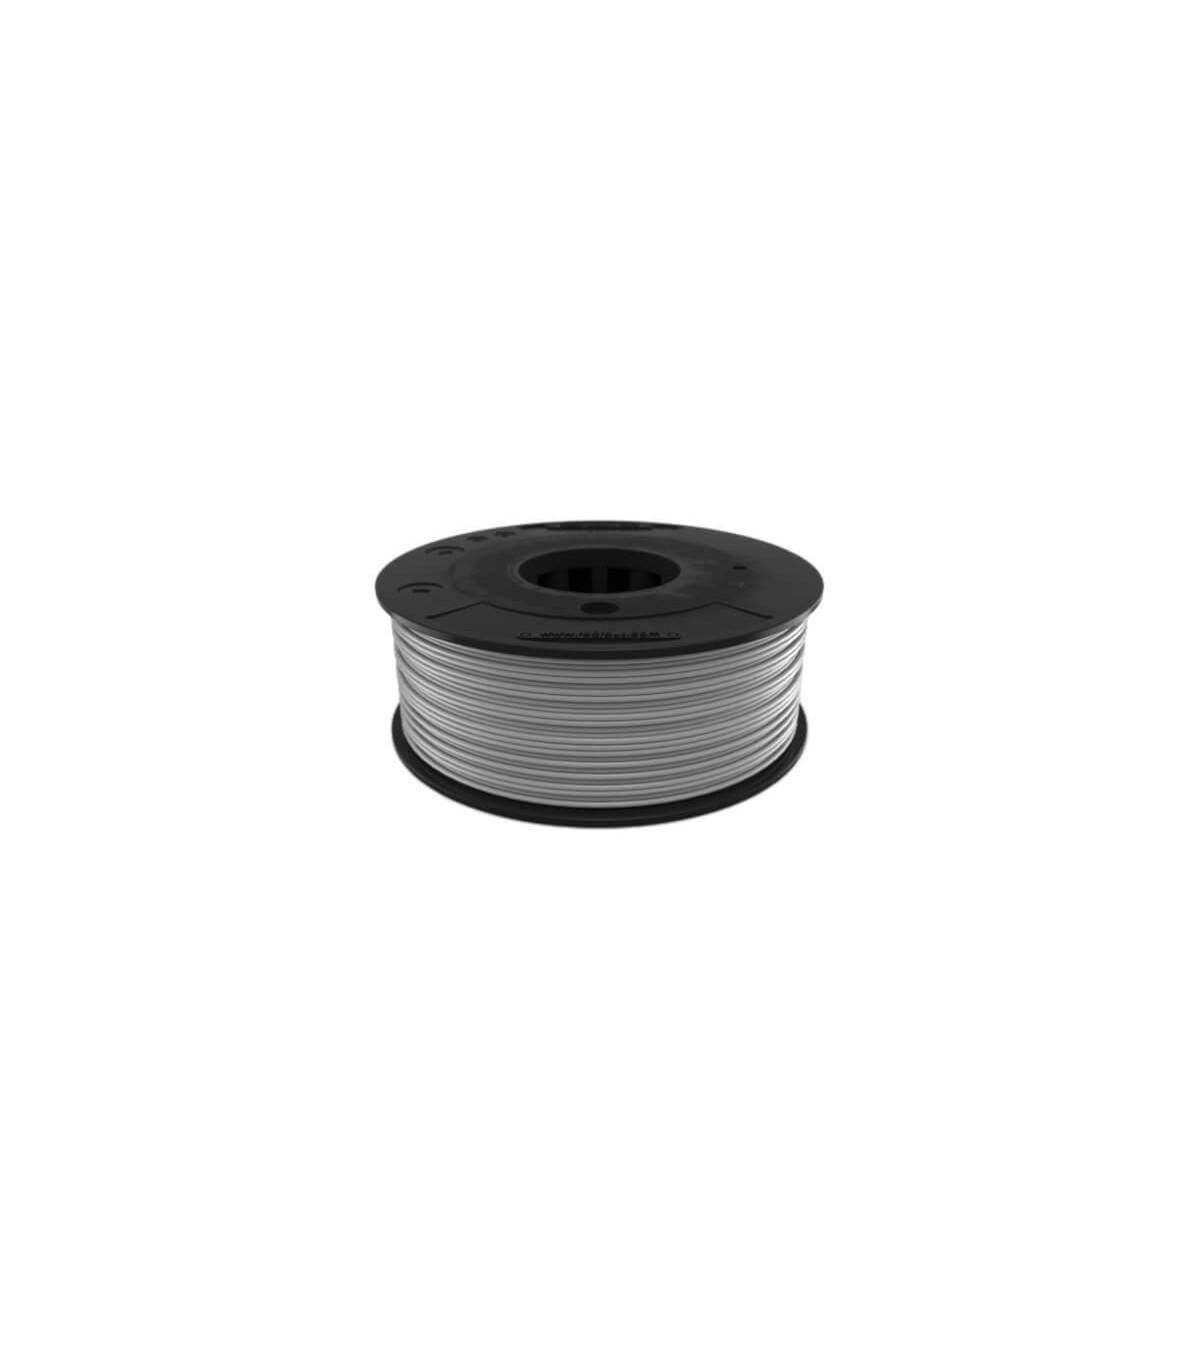 FilaFlex Grey 82A TPE Filament 2.85 mm 250g